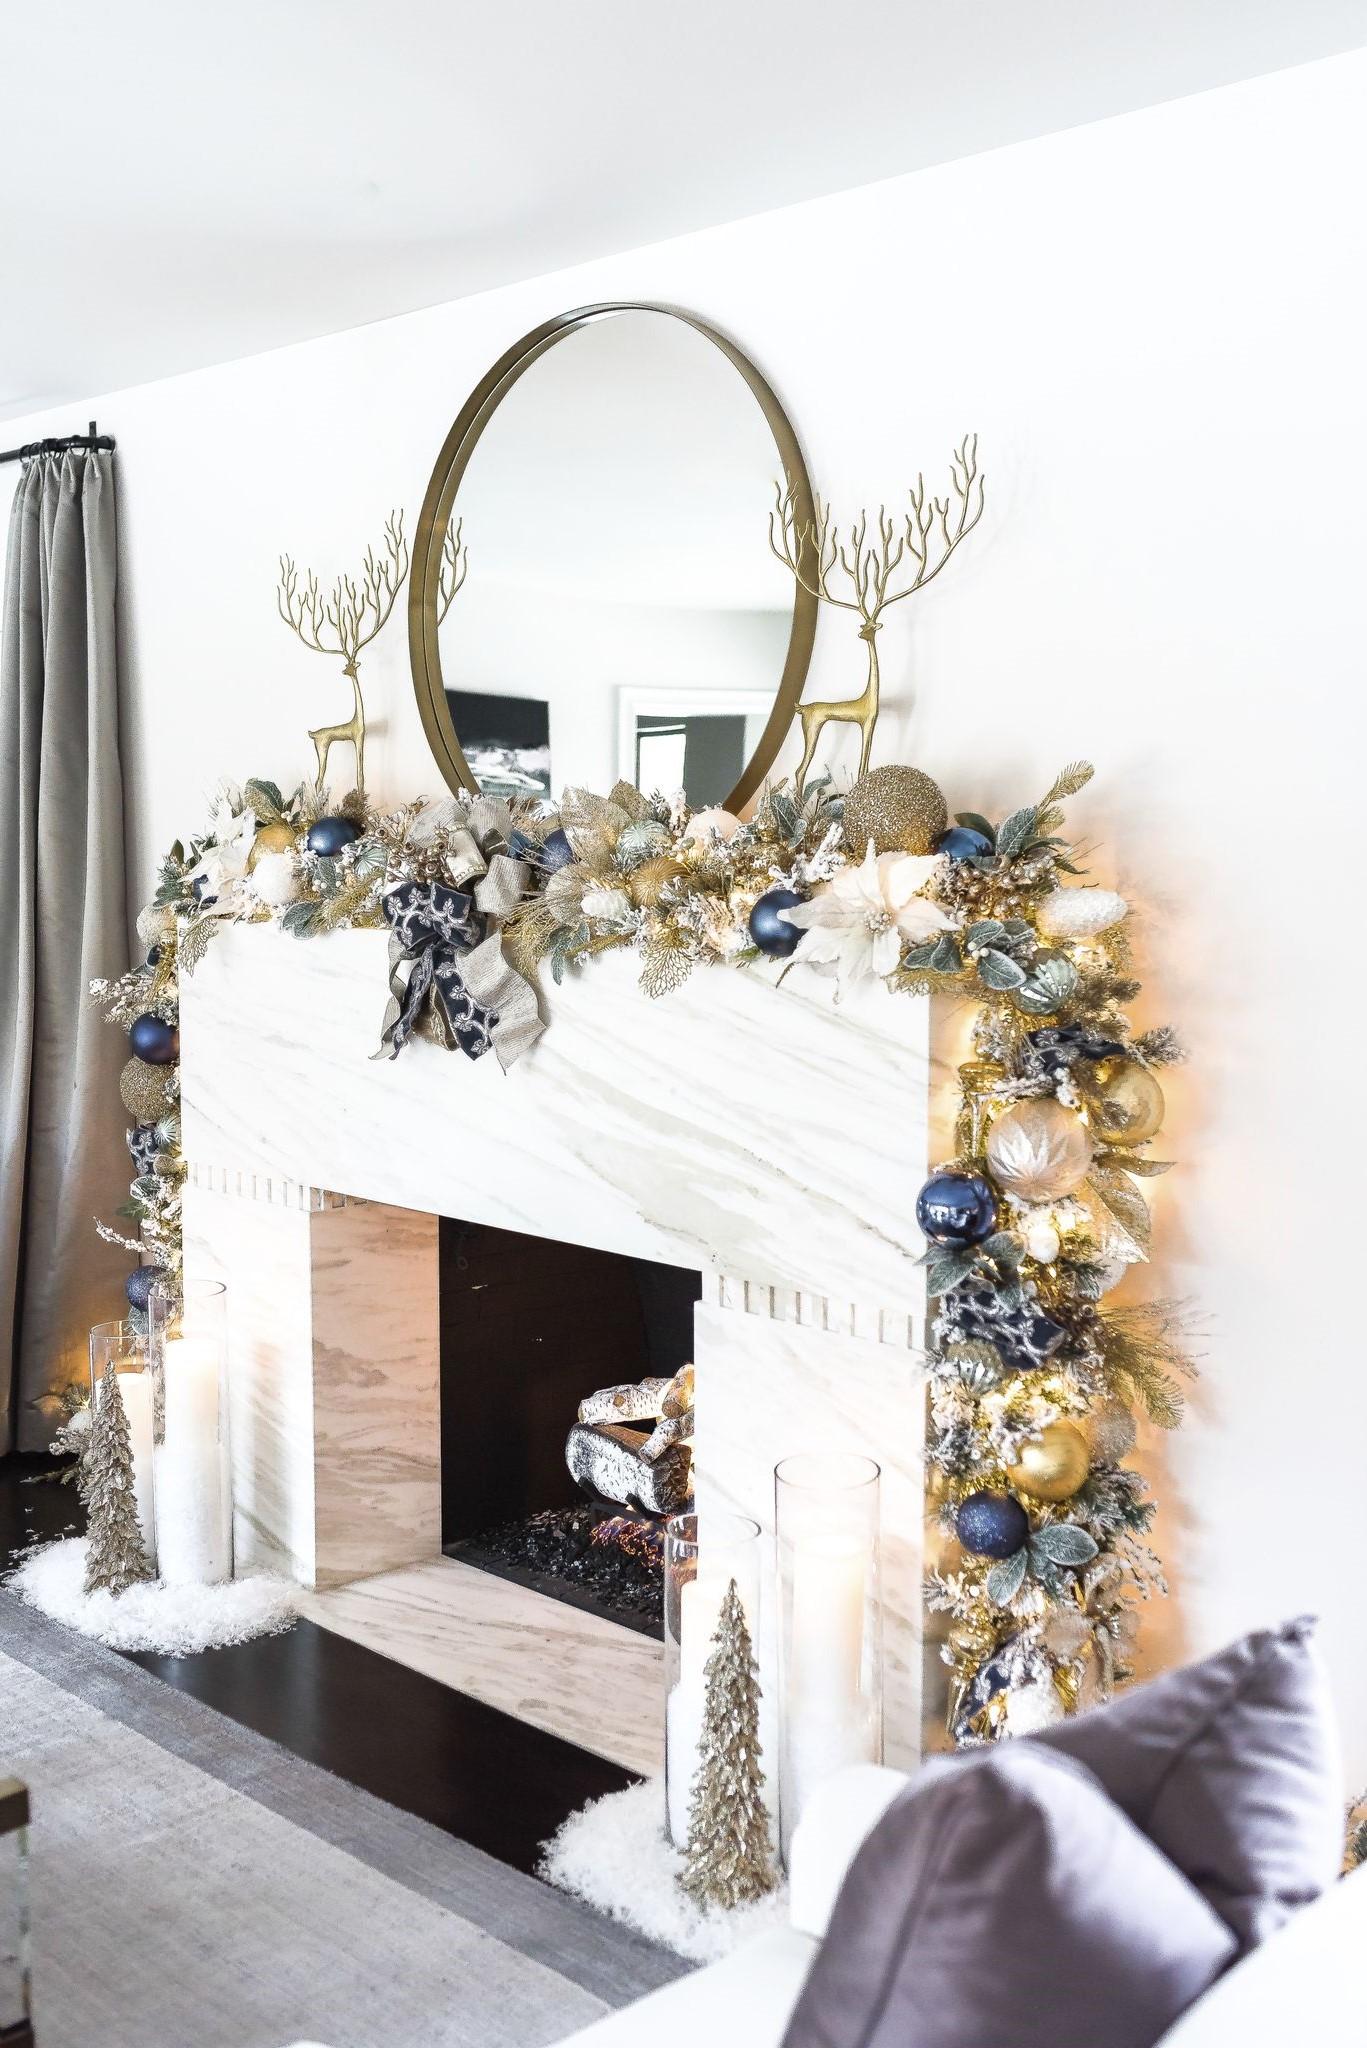 Décorez votre cheminée avec une guirlande à feuilles persistantes et des lumières de Noël.